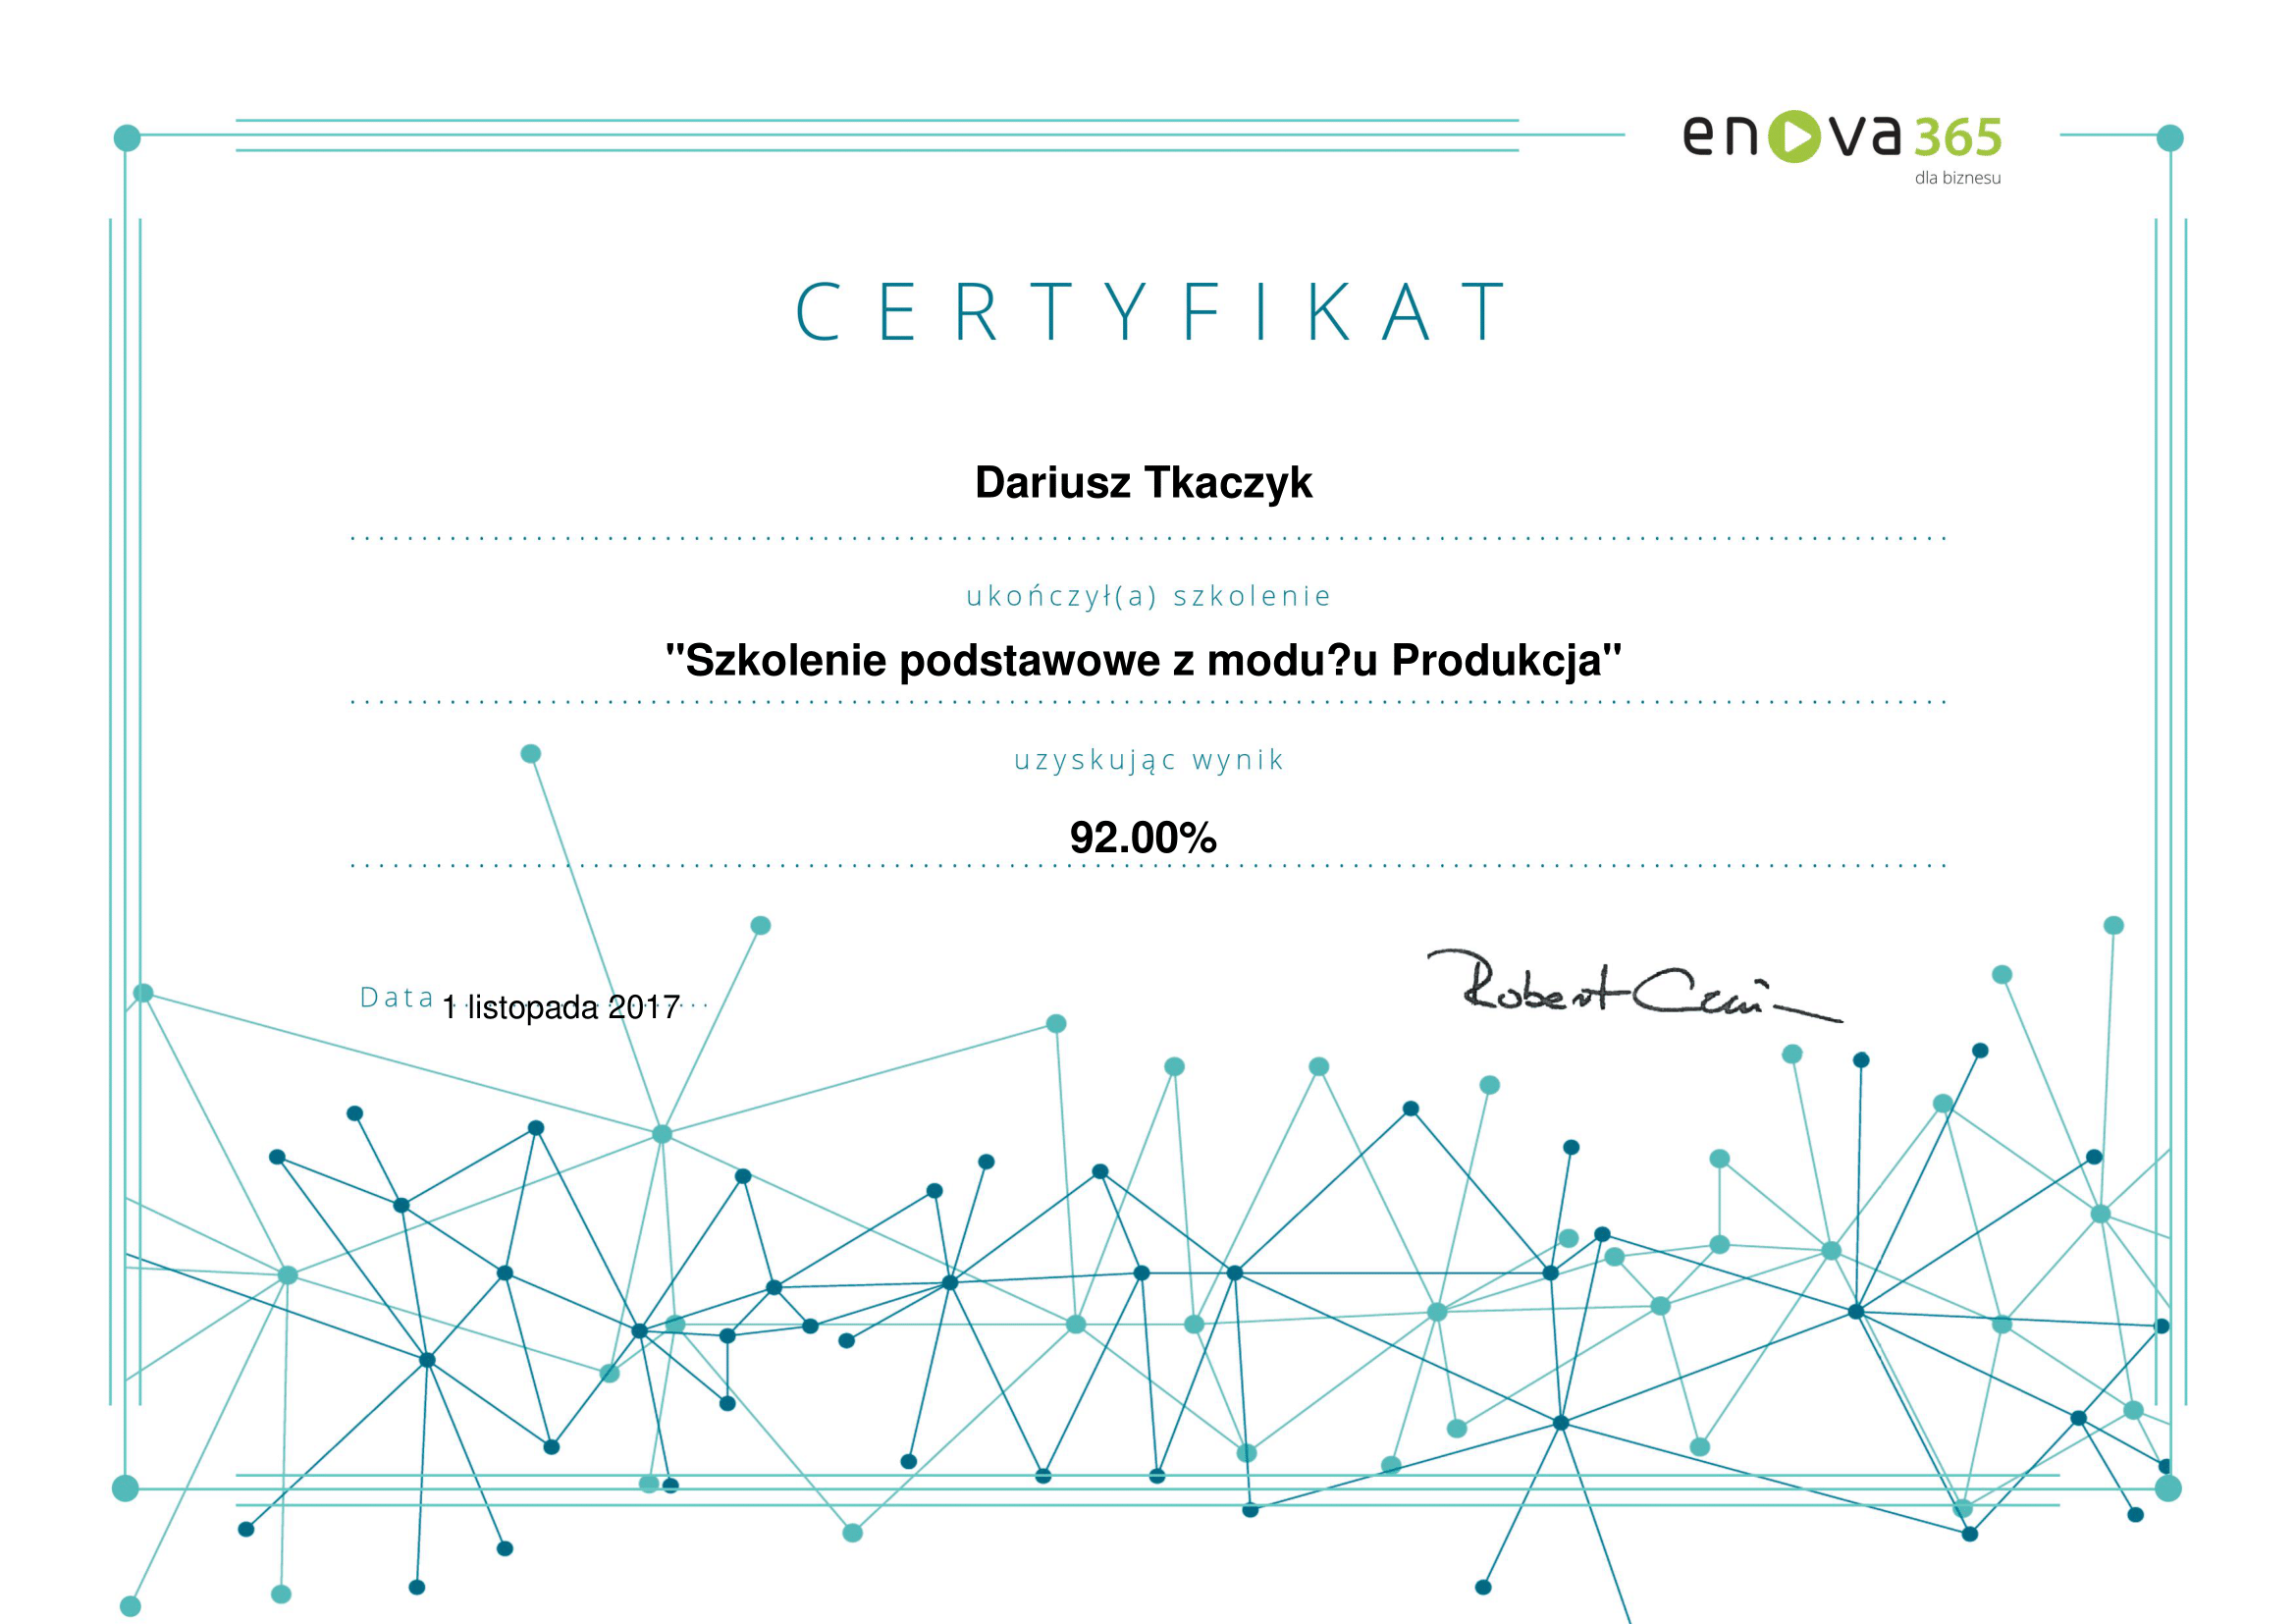 enova365_Certyfikat_podstawowy_produkcja